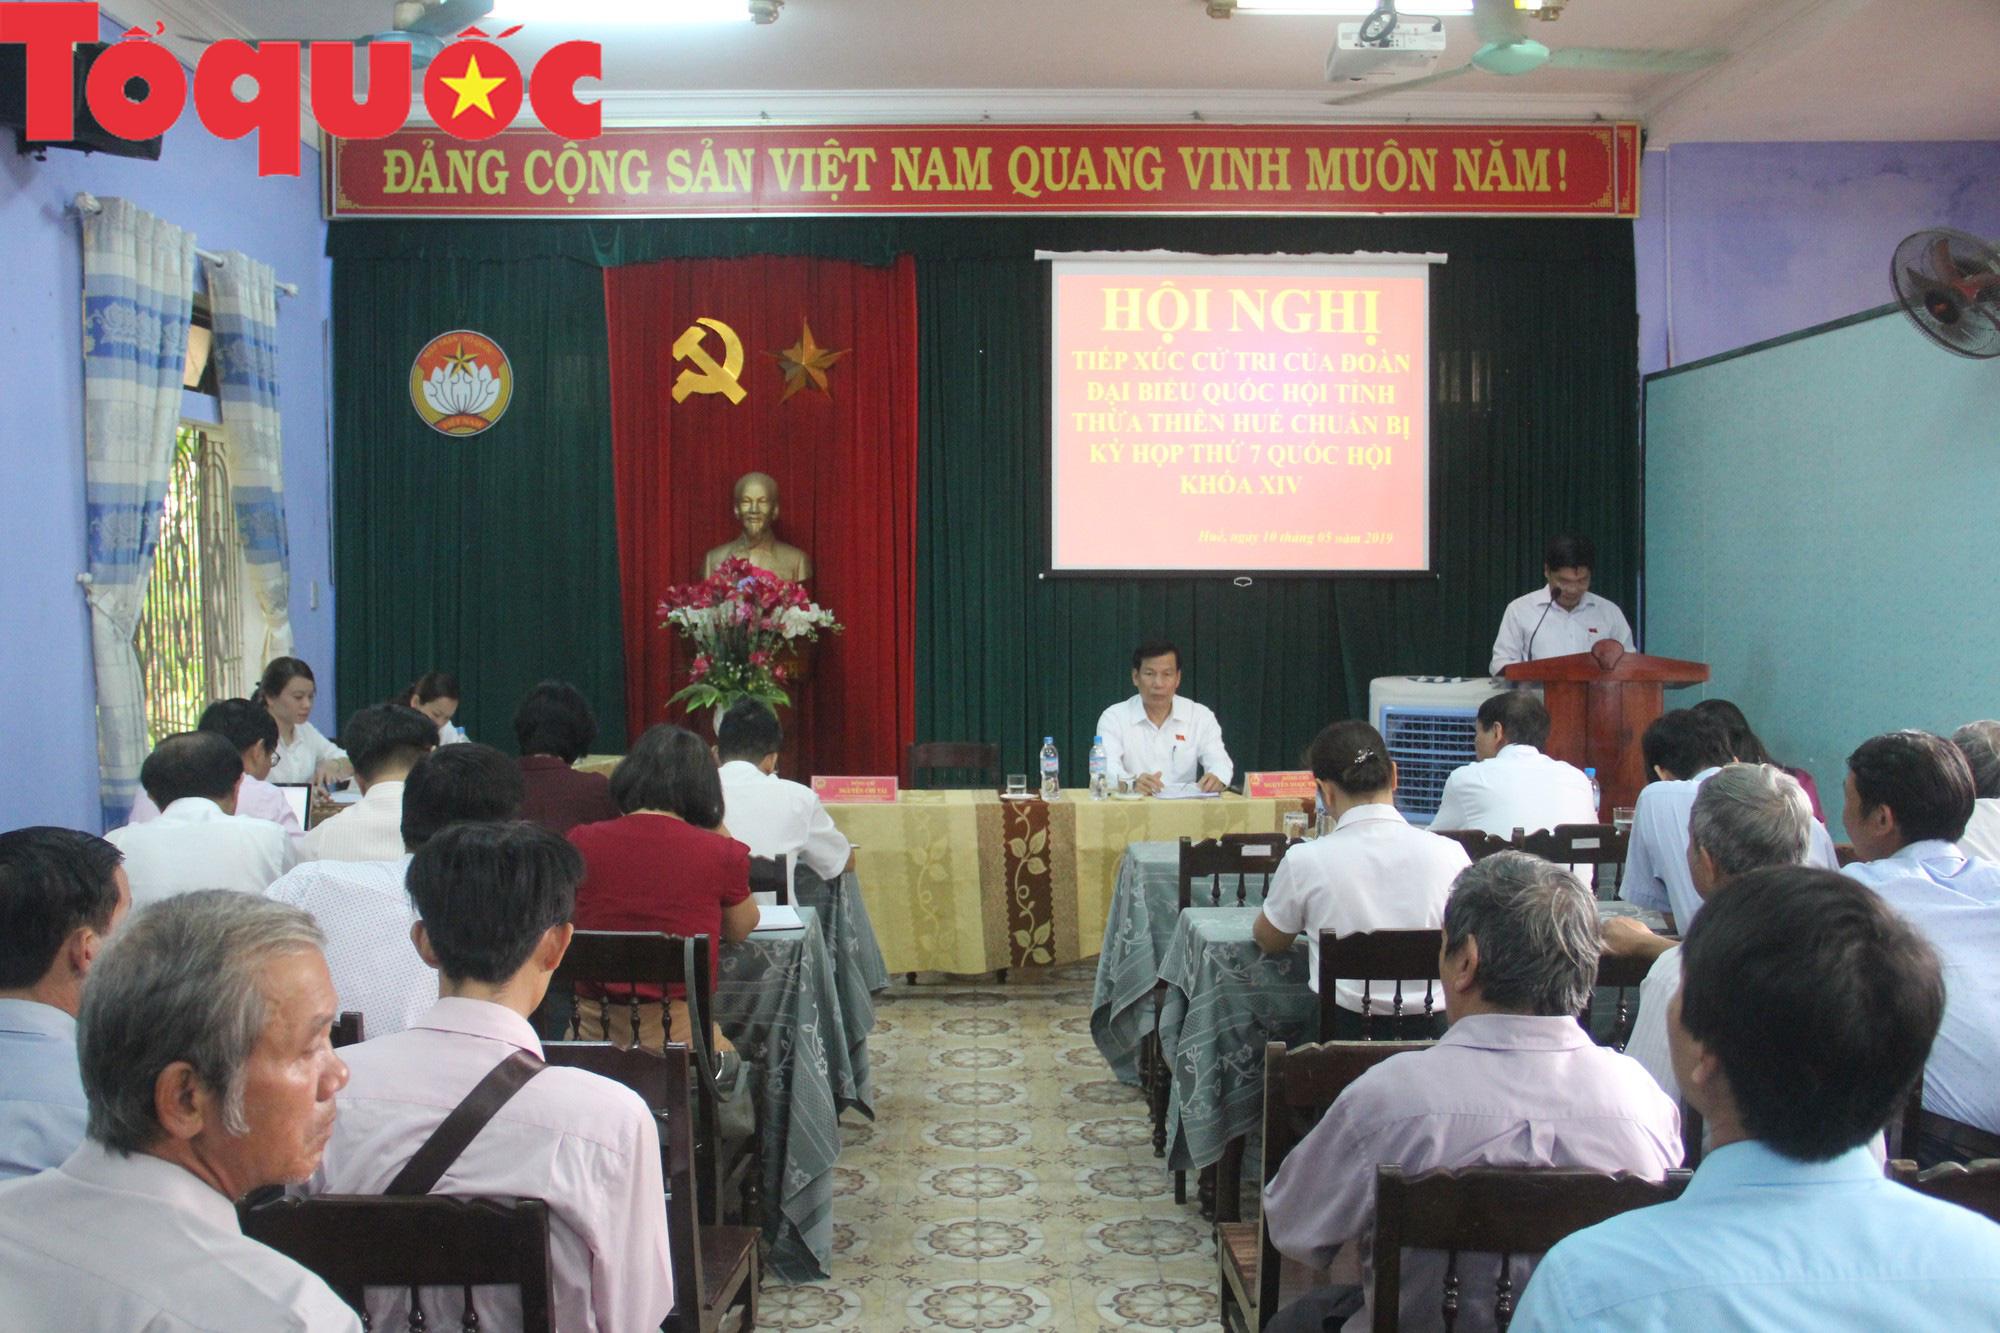 Bộ trưởng Nguyễn Ngọc Thiện tiếp xúc cử tri Thừa Thiên Huế - Ảnh 2.